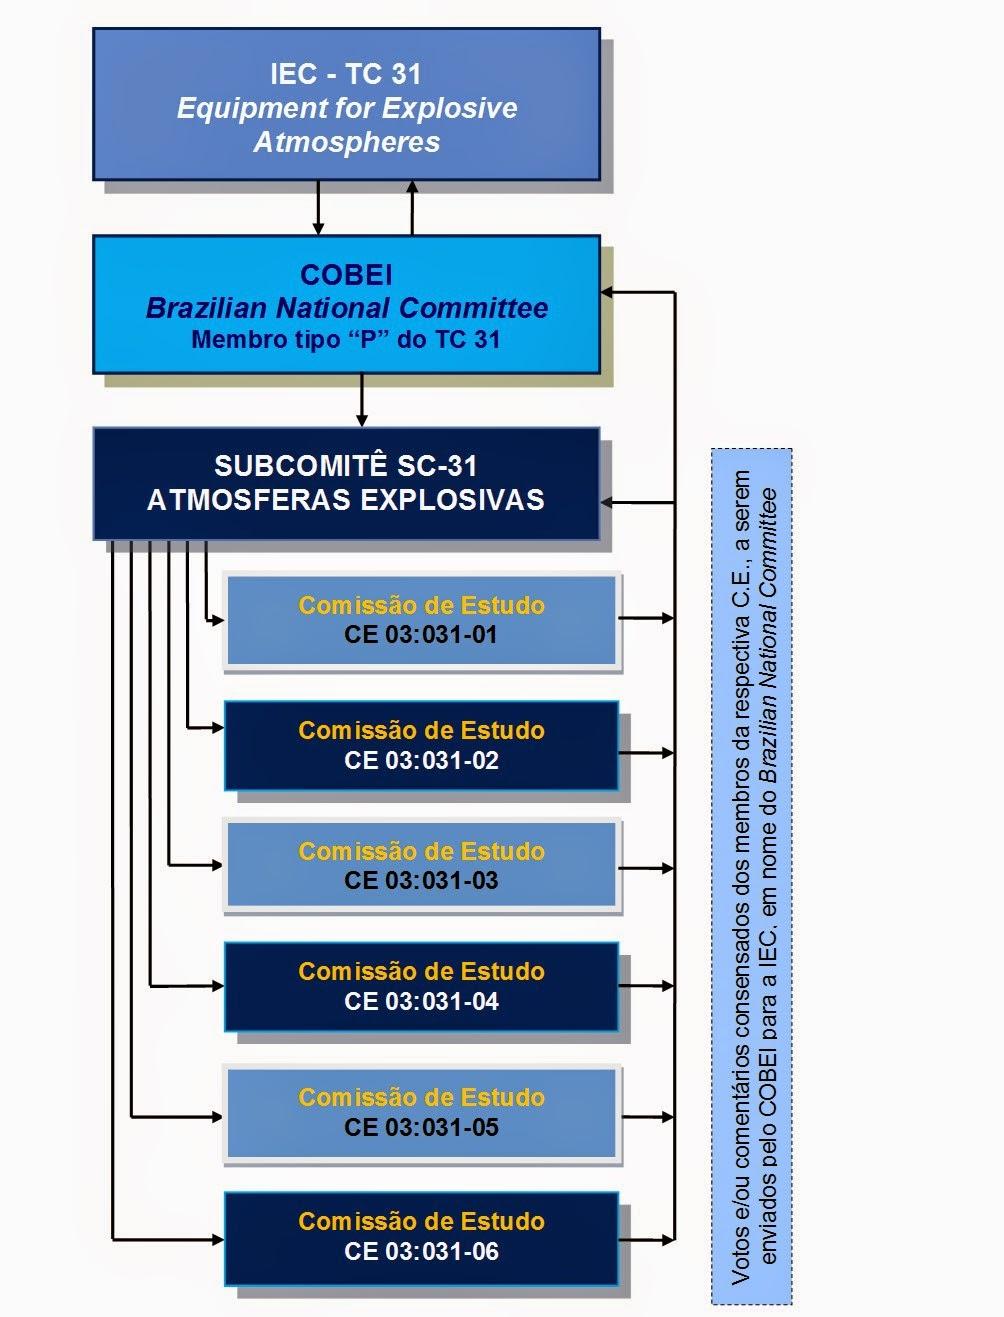 Interfaces entre o Subcomitê SC-31 do Cobei e suas Comissões de Estudo e o Comitê Técnico IEC TC-31